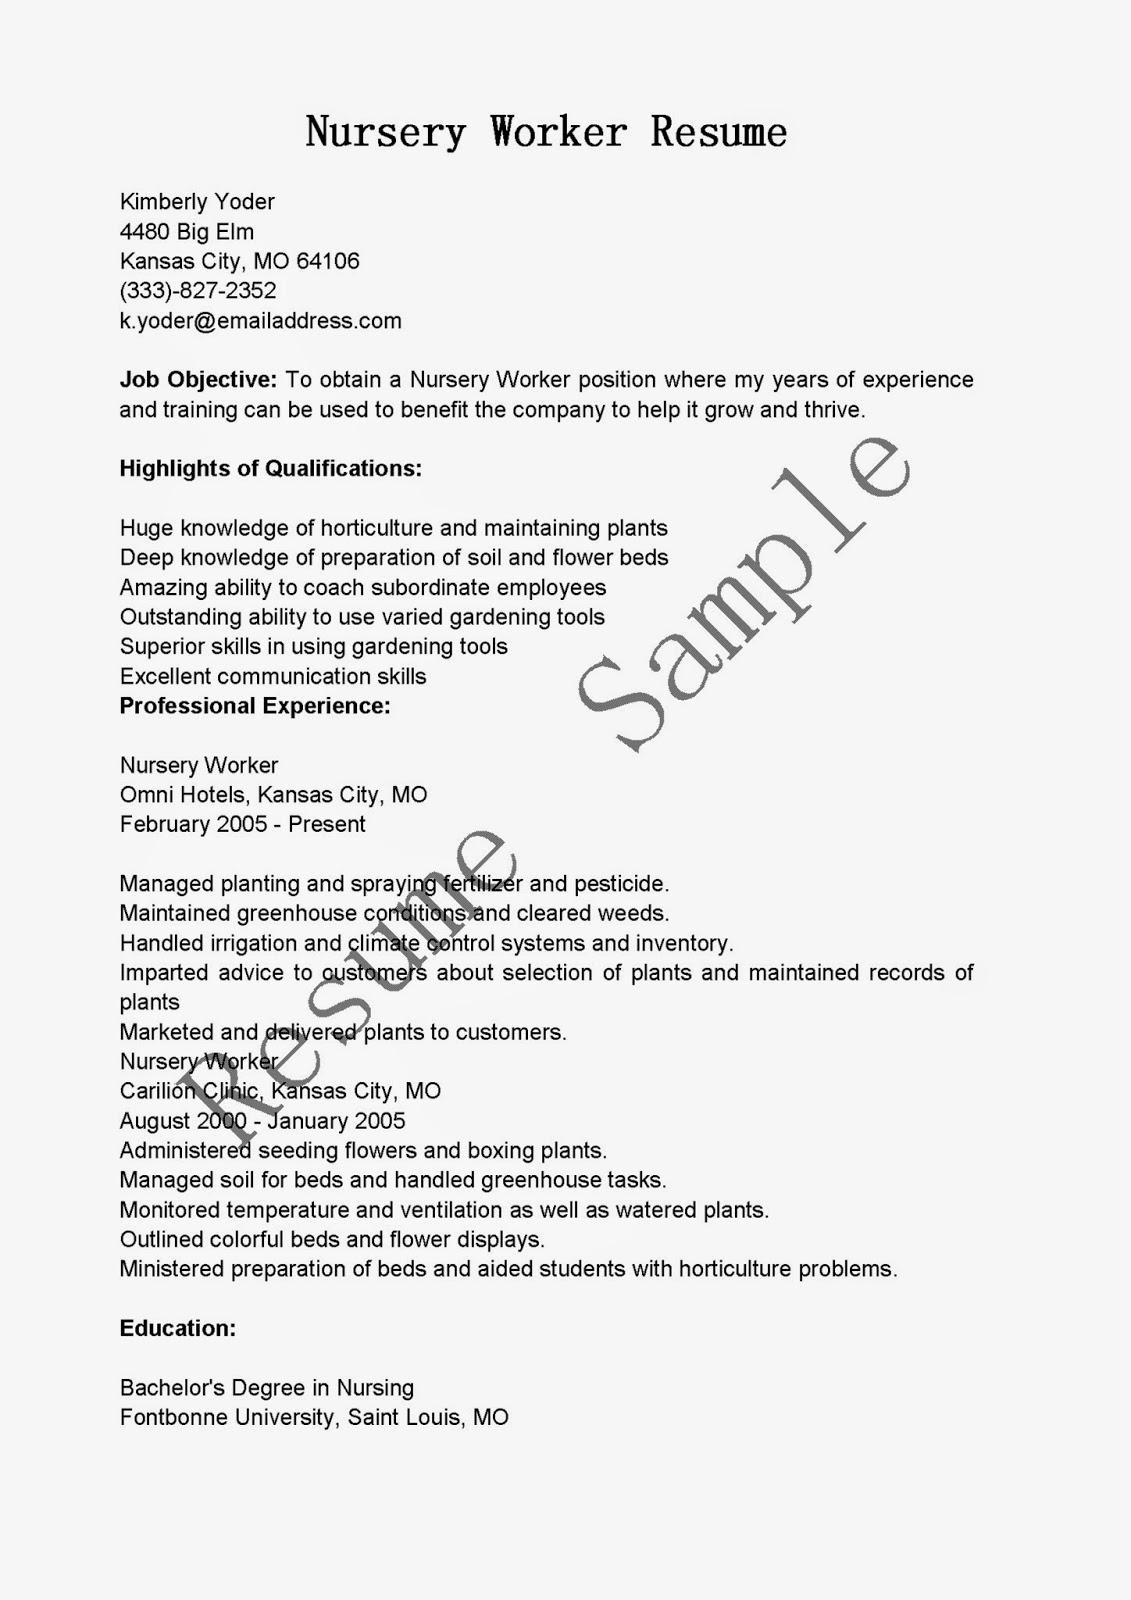 resume sles nursery worker resume sle